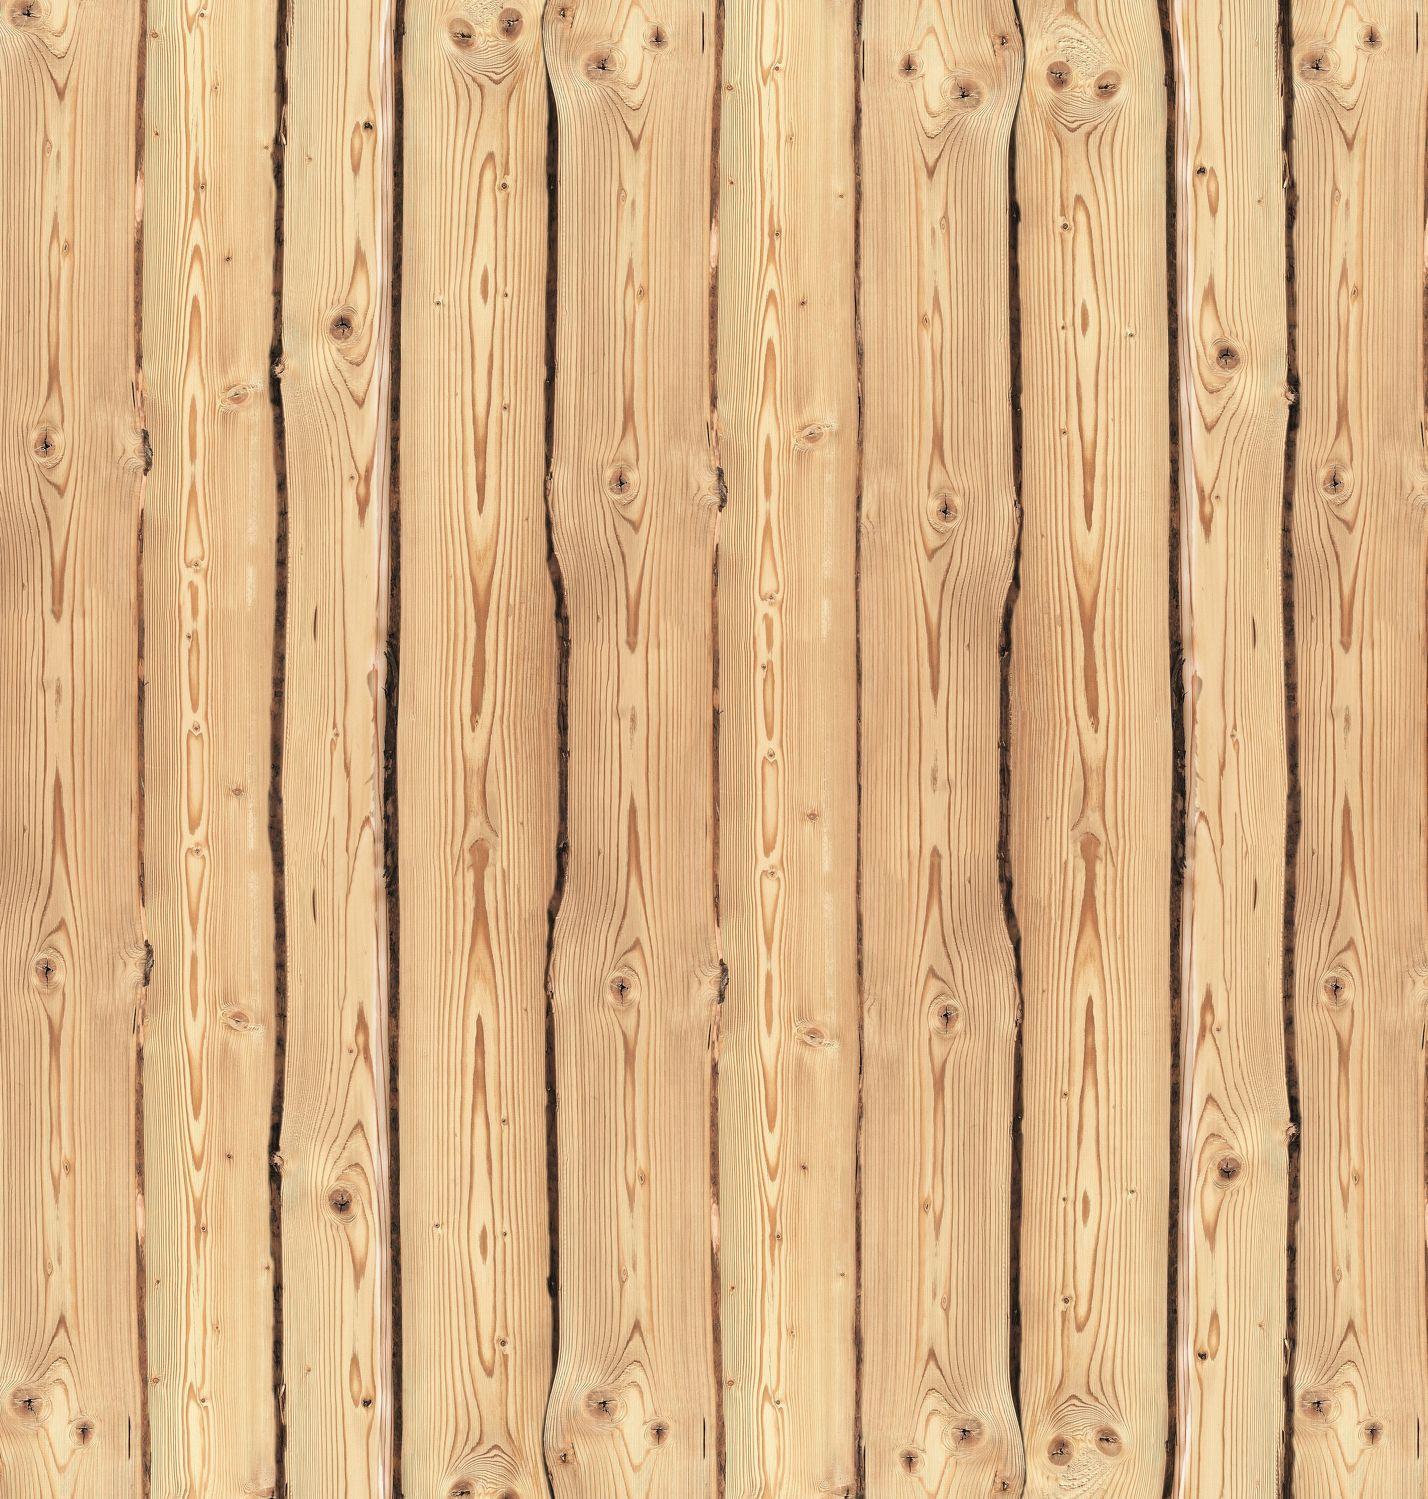 Bild mit Gegenstände, Materialien, Holz, Architektur, Bauwerke, Gebäudeteile, Fußböden, Struktur, Kiefer, Holzstruktur, Fichte, Zirbenkiefer, Zirbe, altes Holz, Fichenstruktur, Kieferstruktur, Zirbenstruktur, Zirbe Struktur, Zirben Kiefer, Kiefer Struktur, Bretter, Holzbretter, rustikale Bretter, Bretteroptik